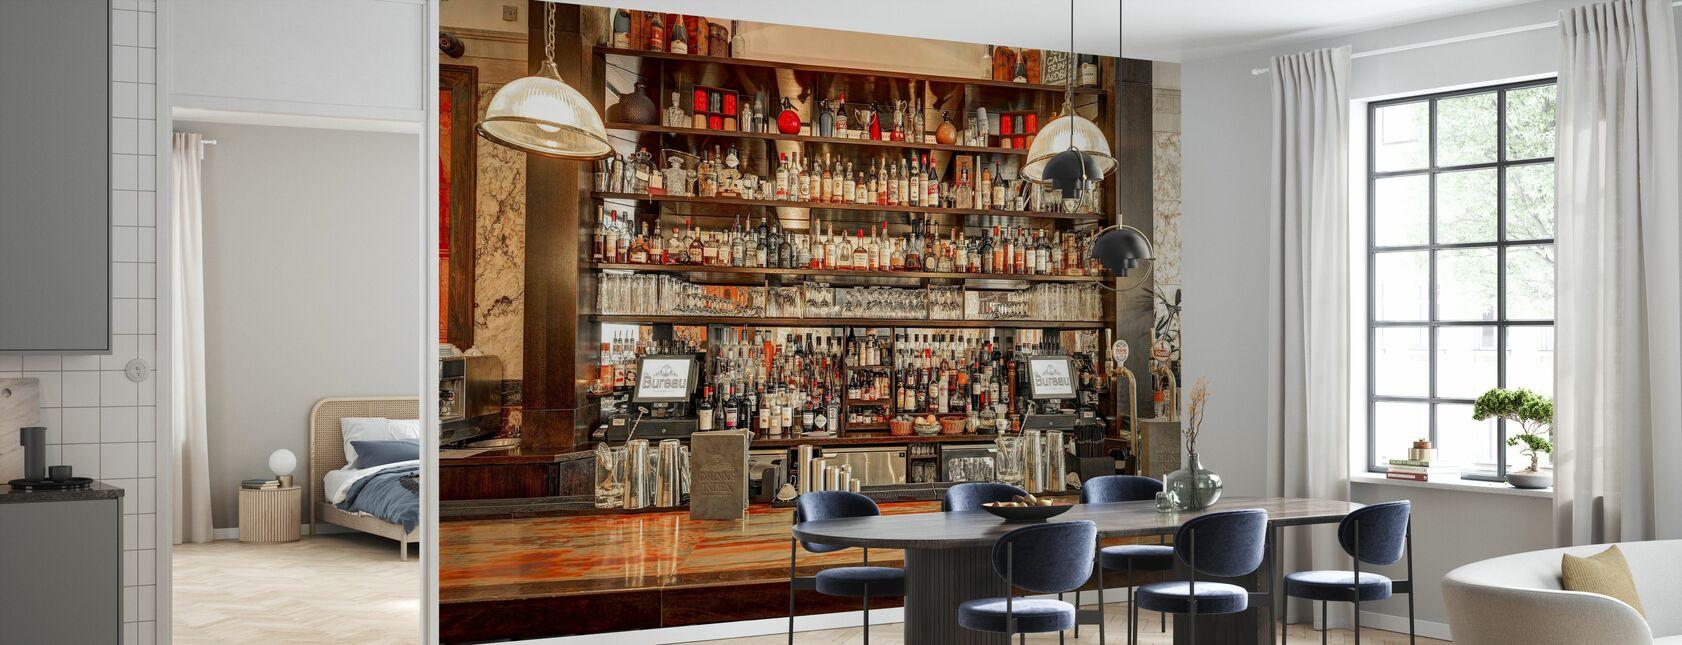 Bar i Birmingham Norge - Tapet - Kjøkken